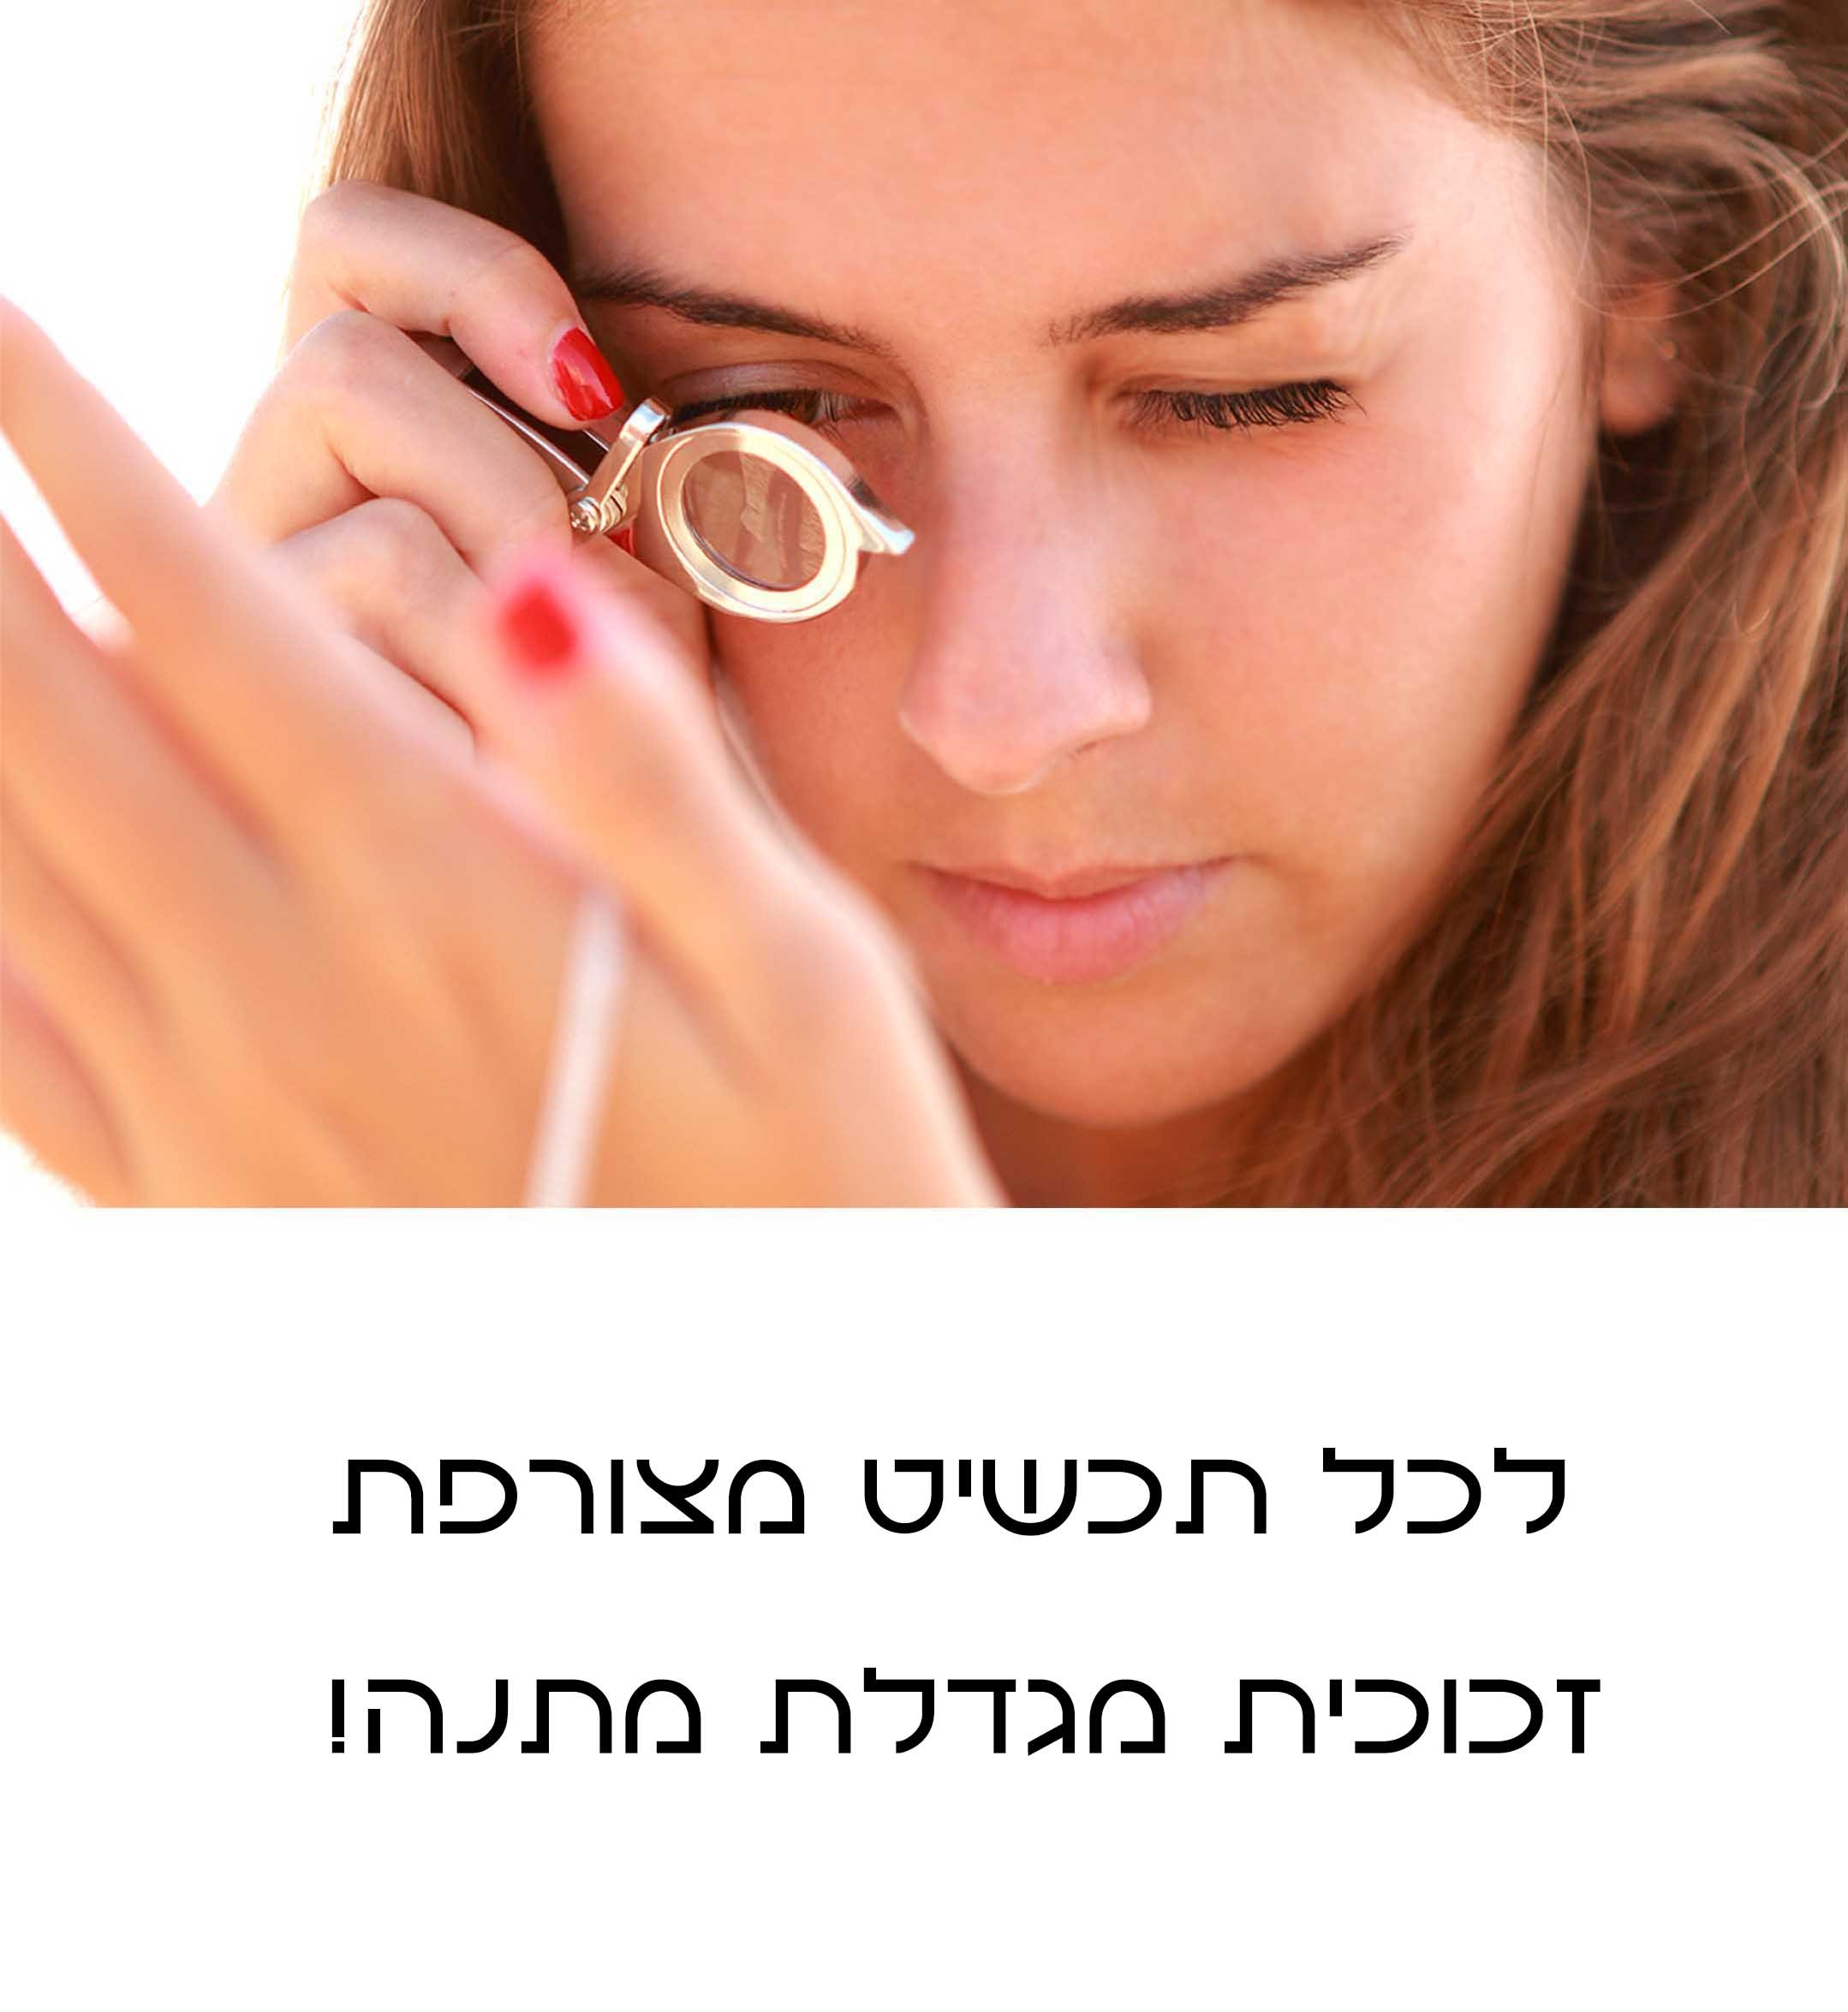 שרשרת לגבר שמע ישראל עם קריאת שמע– תכשיטים לגבר - תכשיטי נאנושרשרת לגבר שמע ישראל עם קריאת שמע– תכשיטים לגבר - תכשיטי נאנו